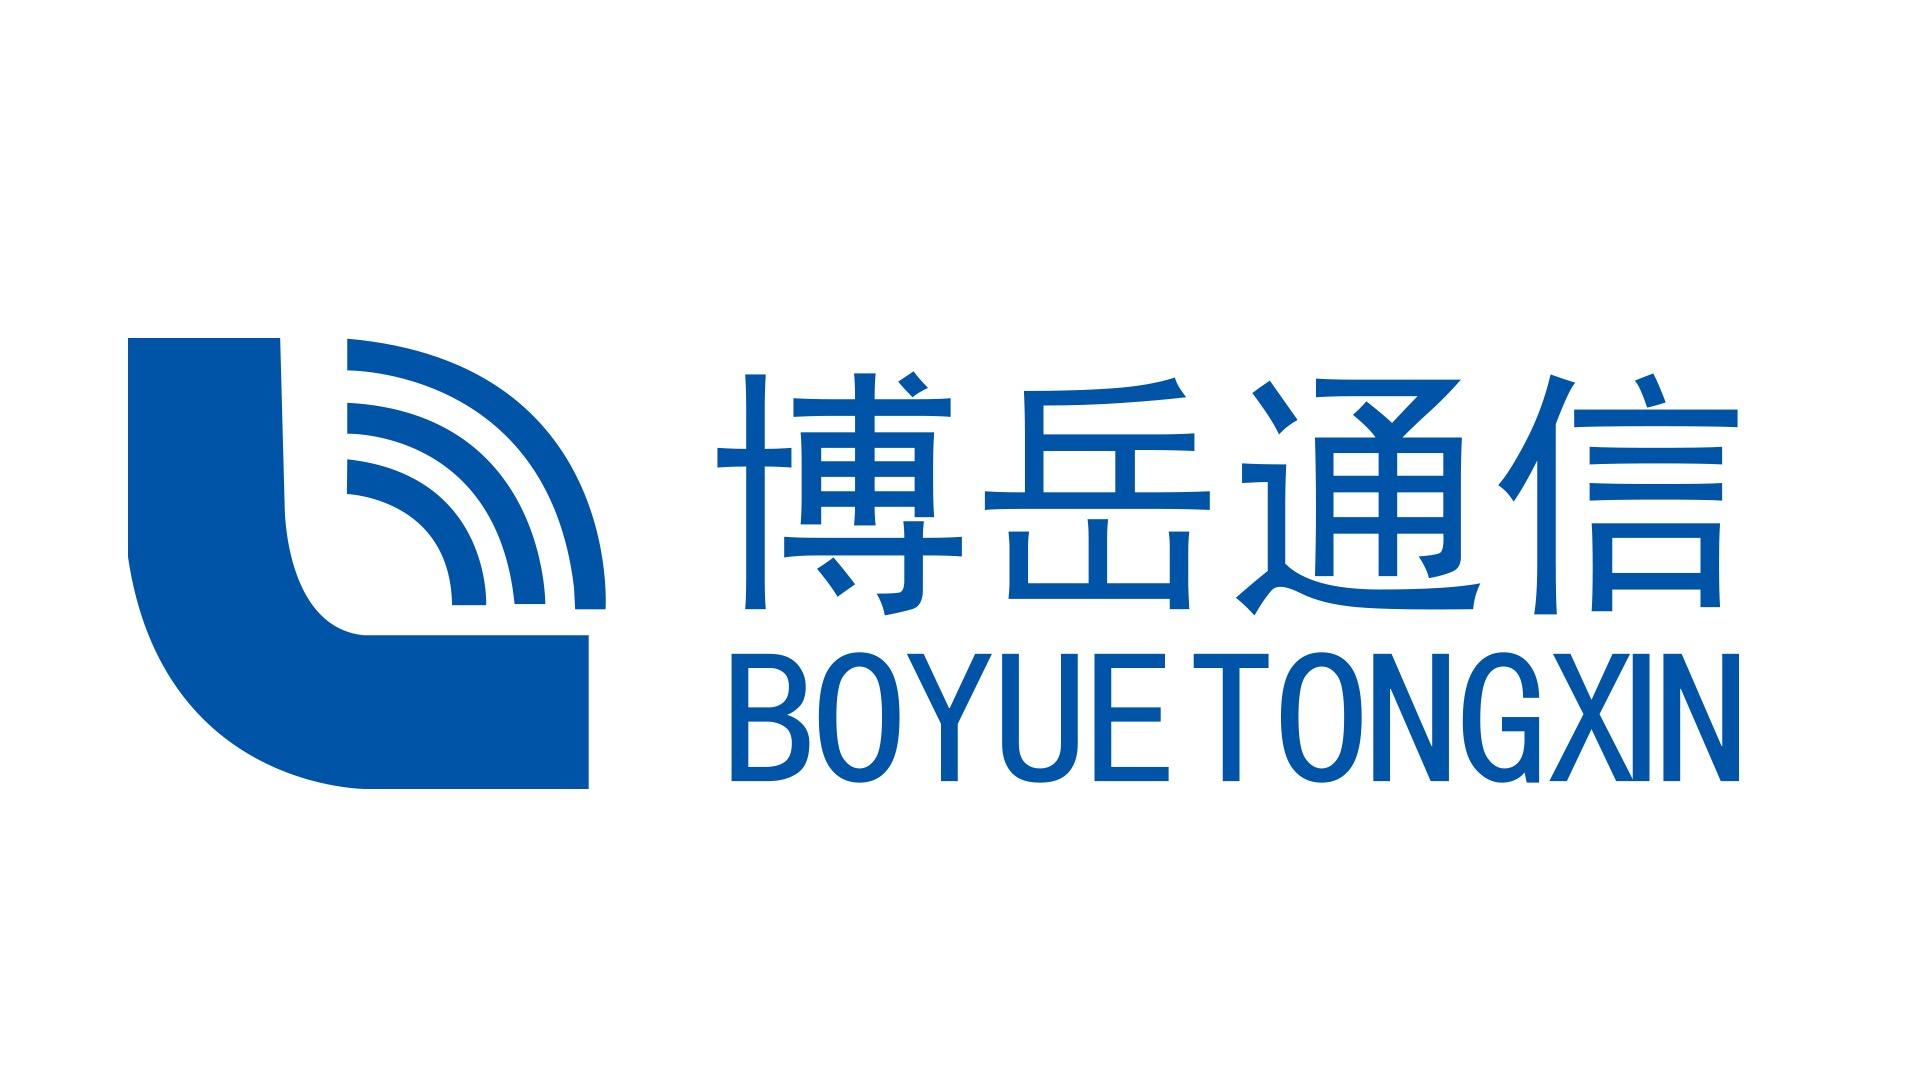 乐虎国际登陆信息产业园设计招标公告